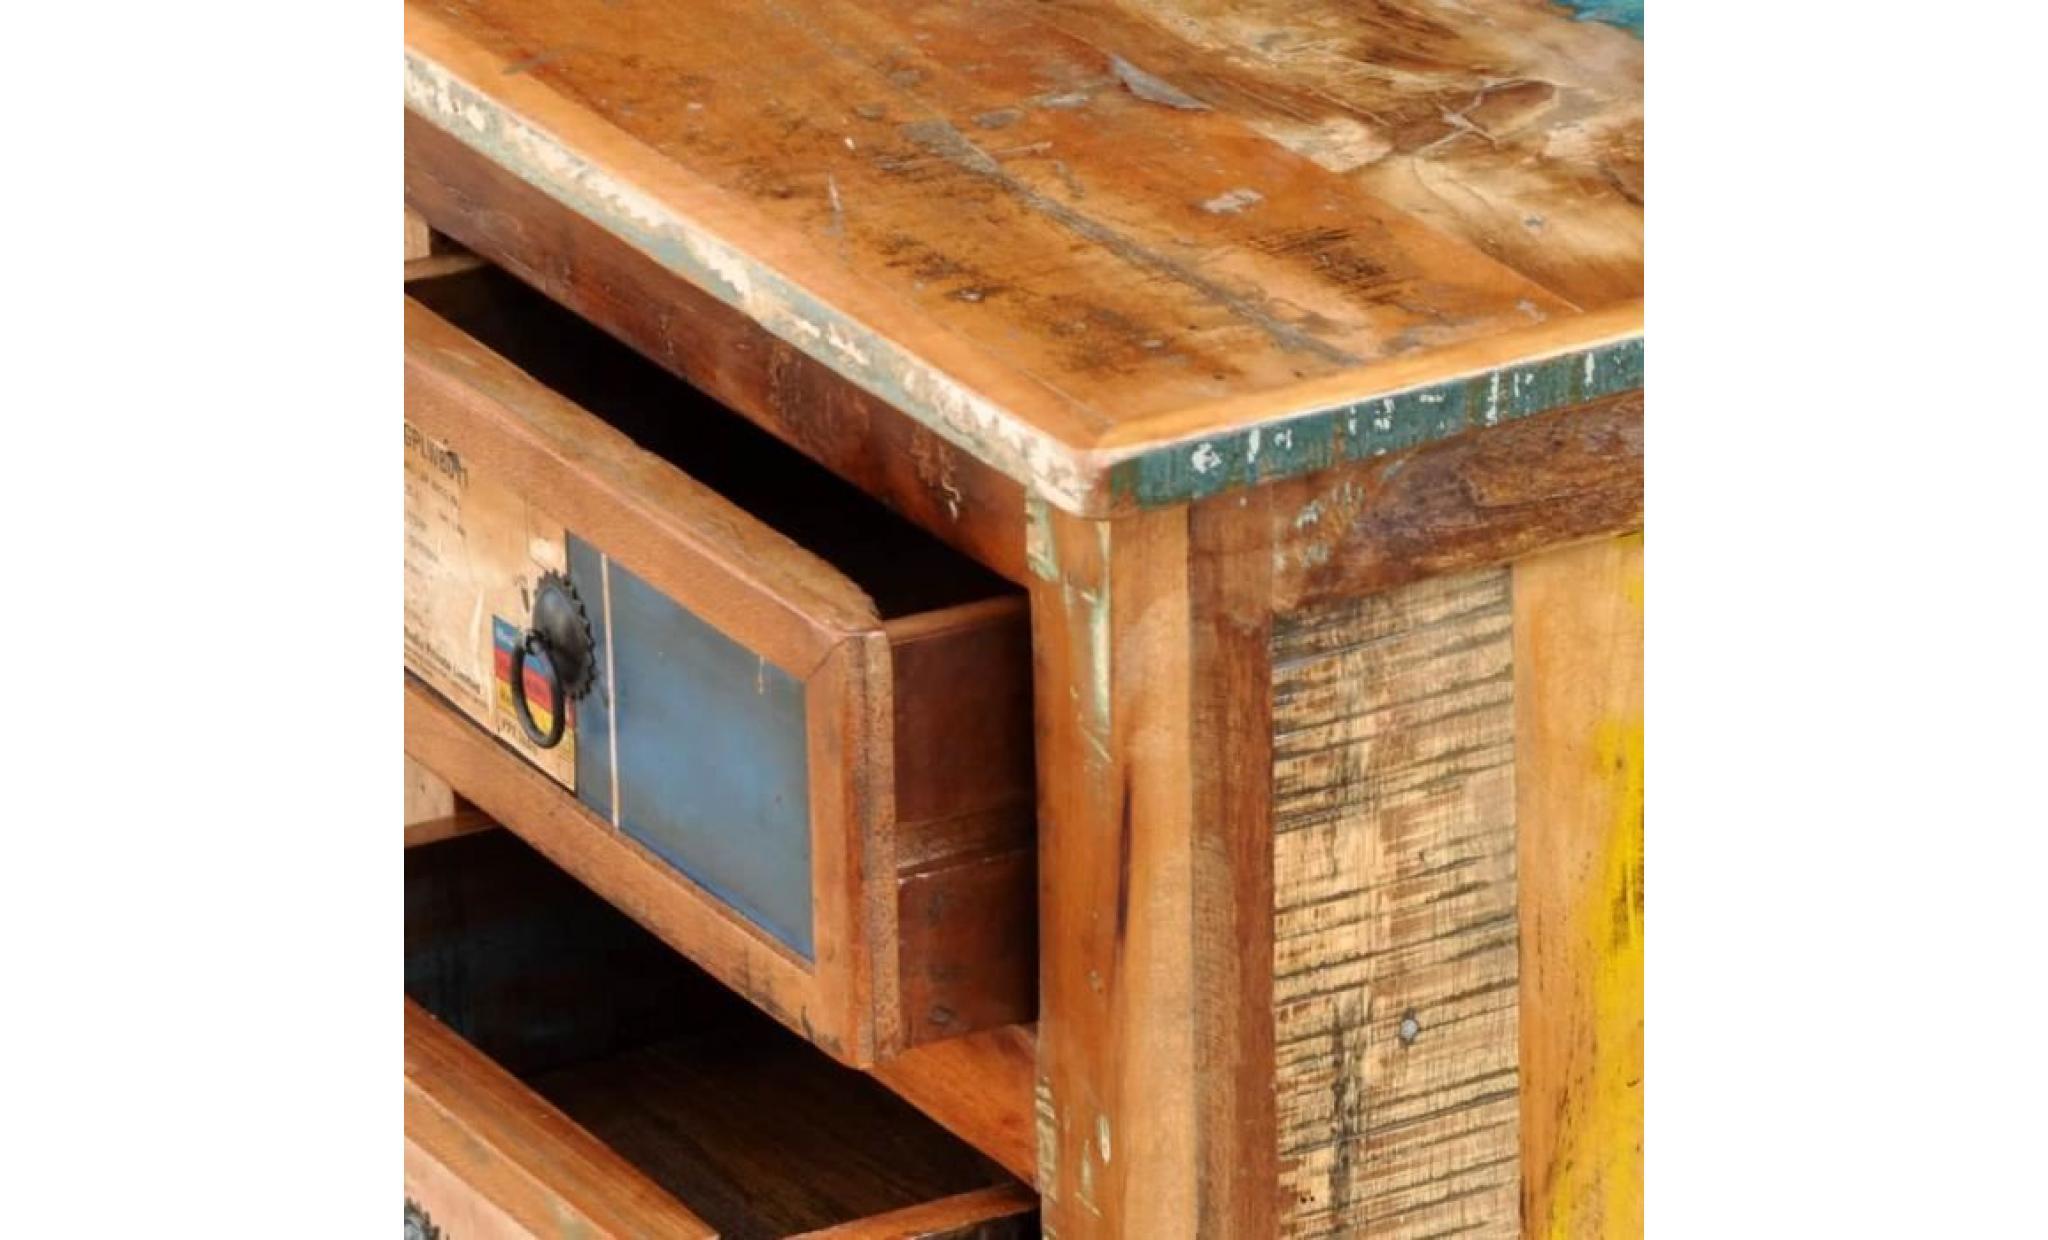 meuble tv meuble hifi audio vidéo et pour home cinéma bois massif de sesahm  12 x 12 x 12 cm